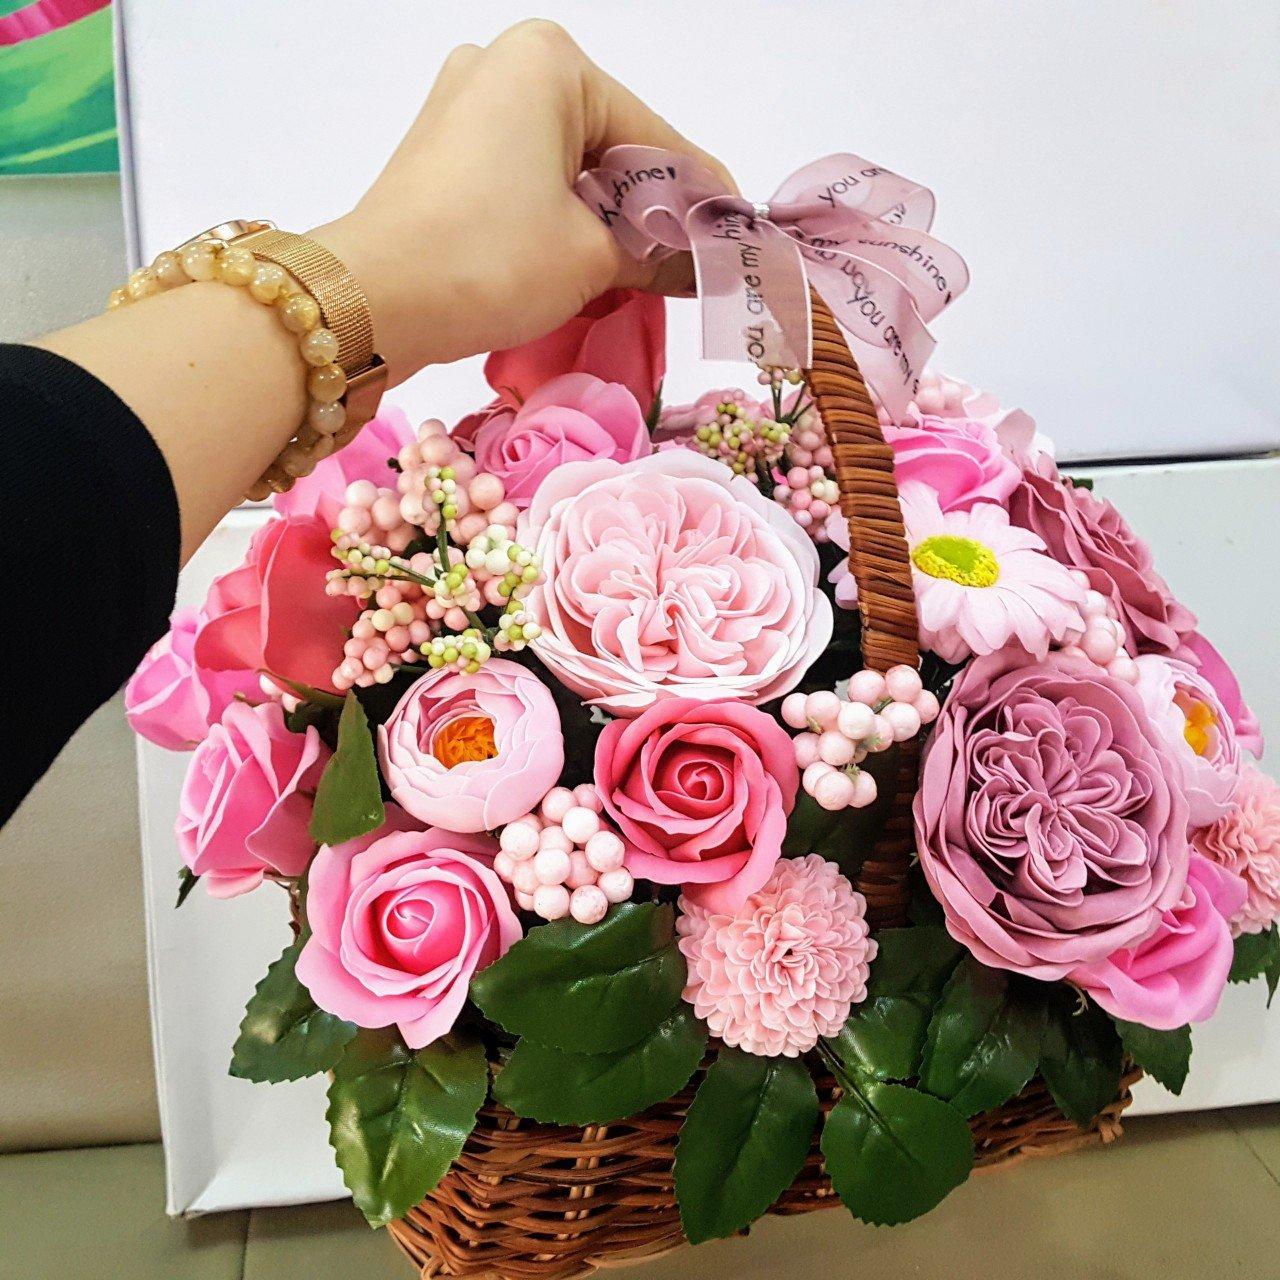 Giỏ hoa sáp thơm nhiều màu - H107